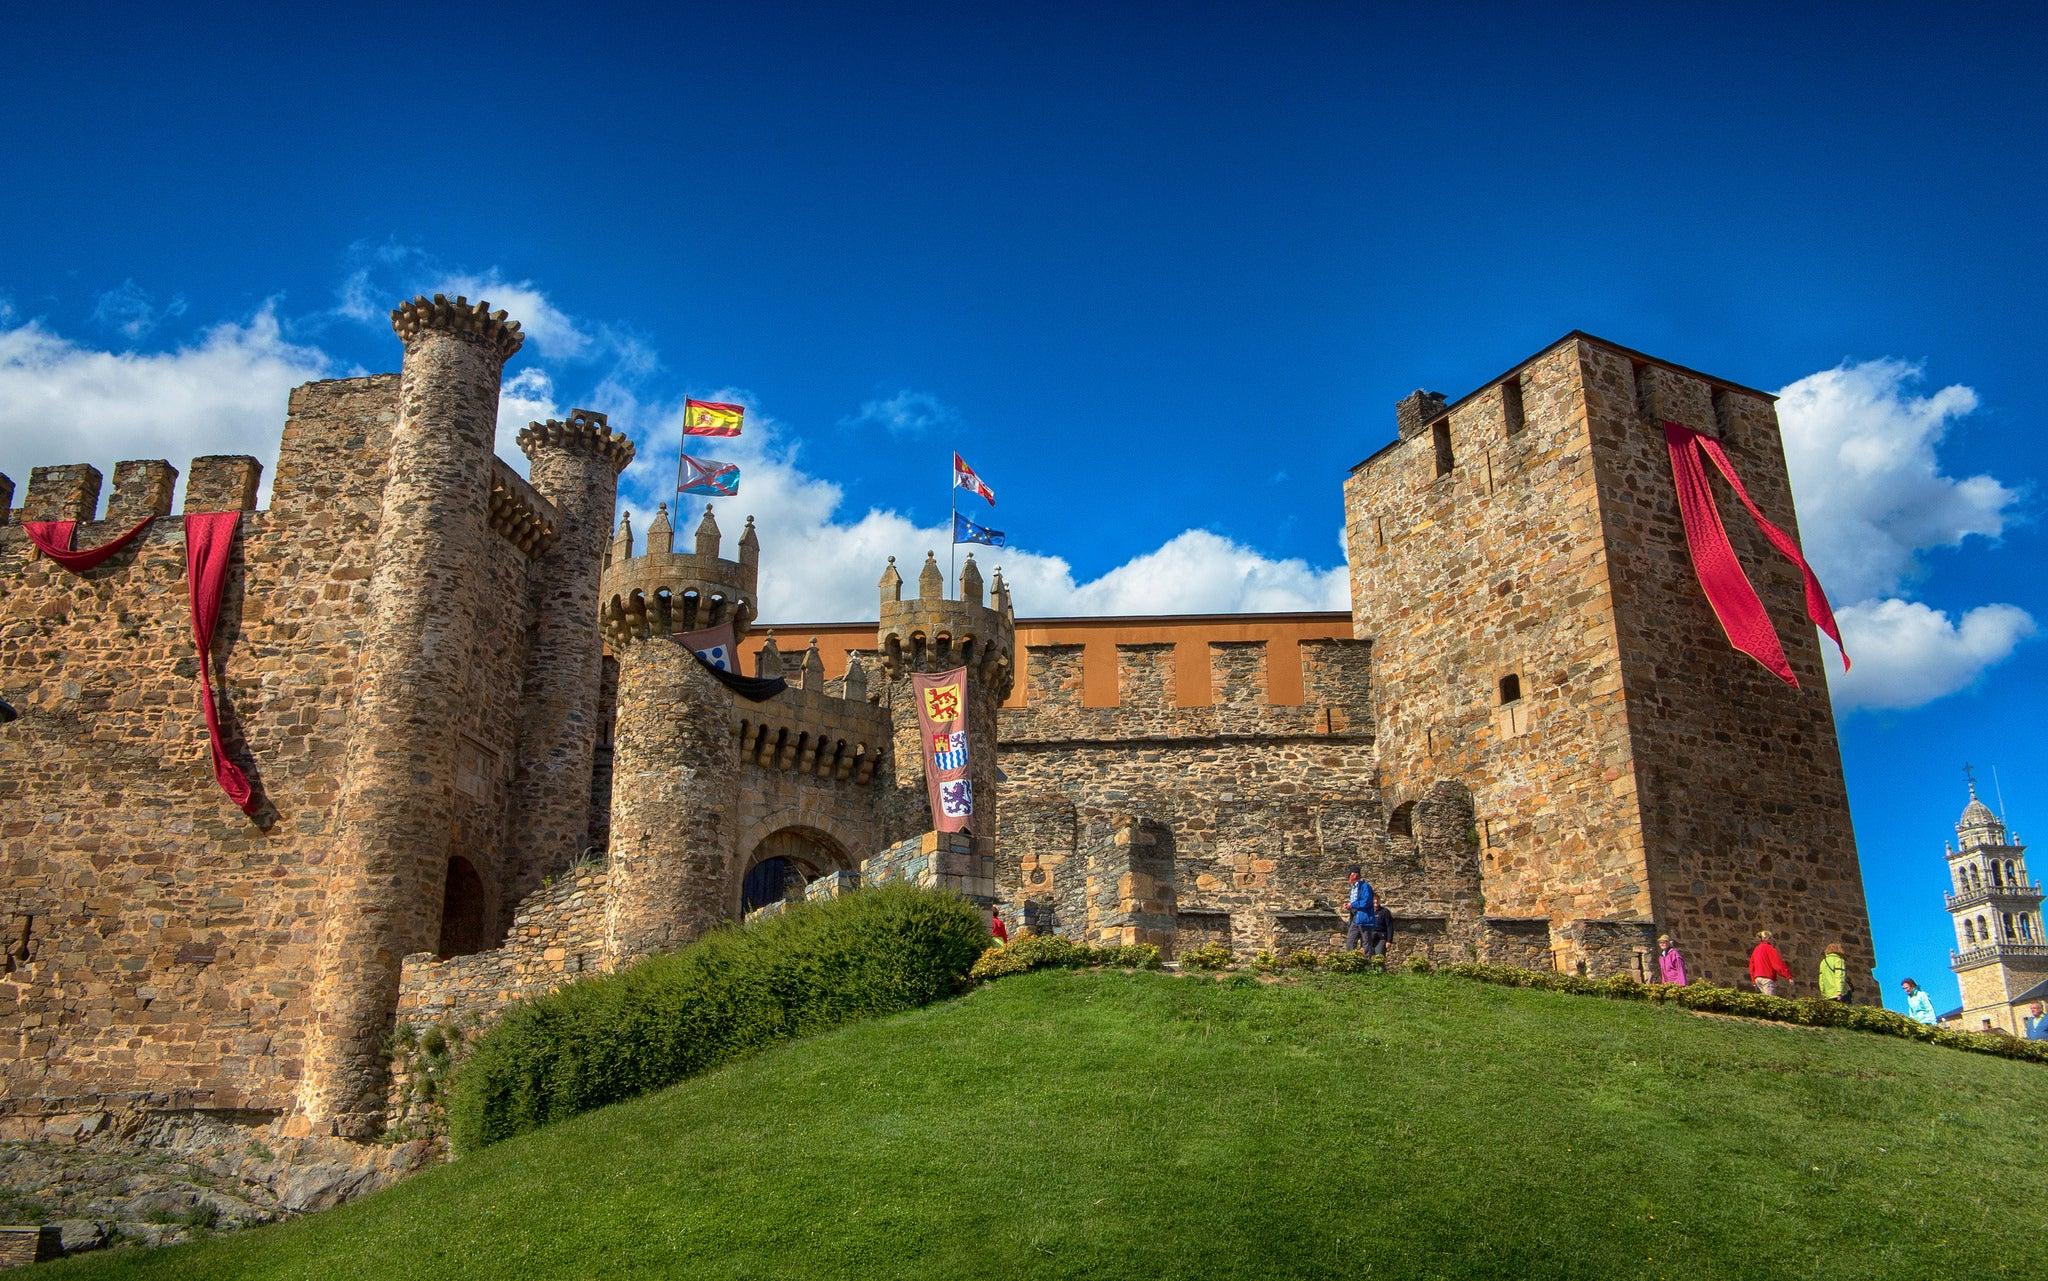 Conoce la historia del castillo de Ponferrada, León - Mi Viaje